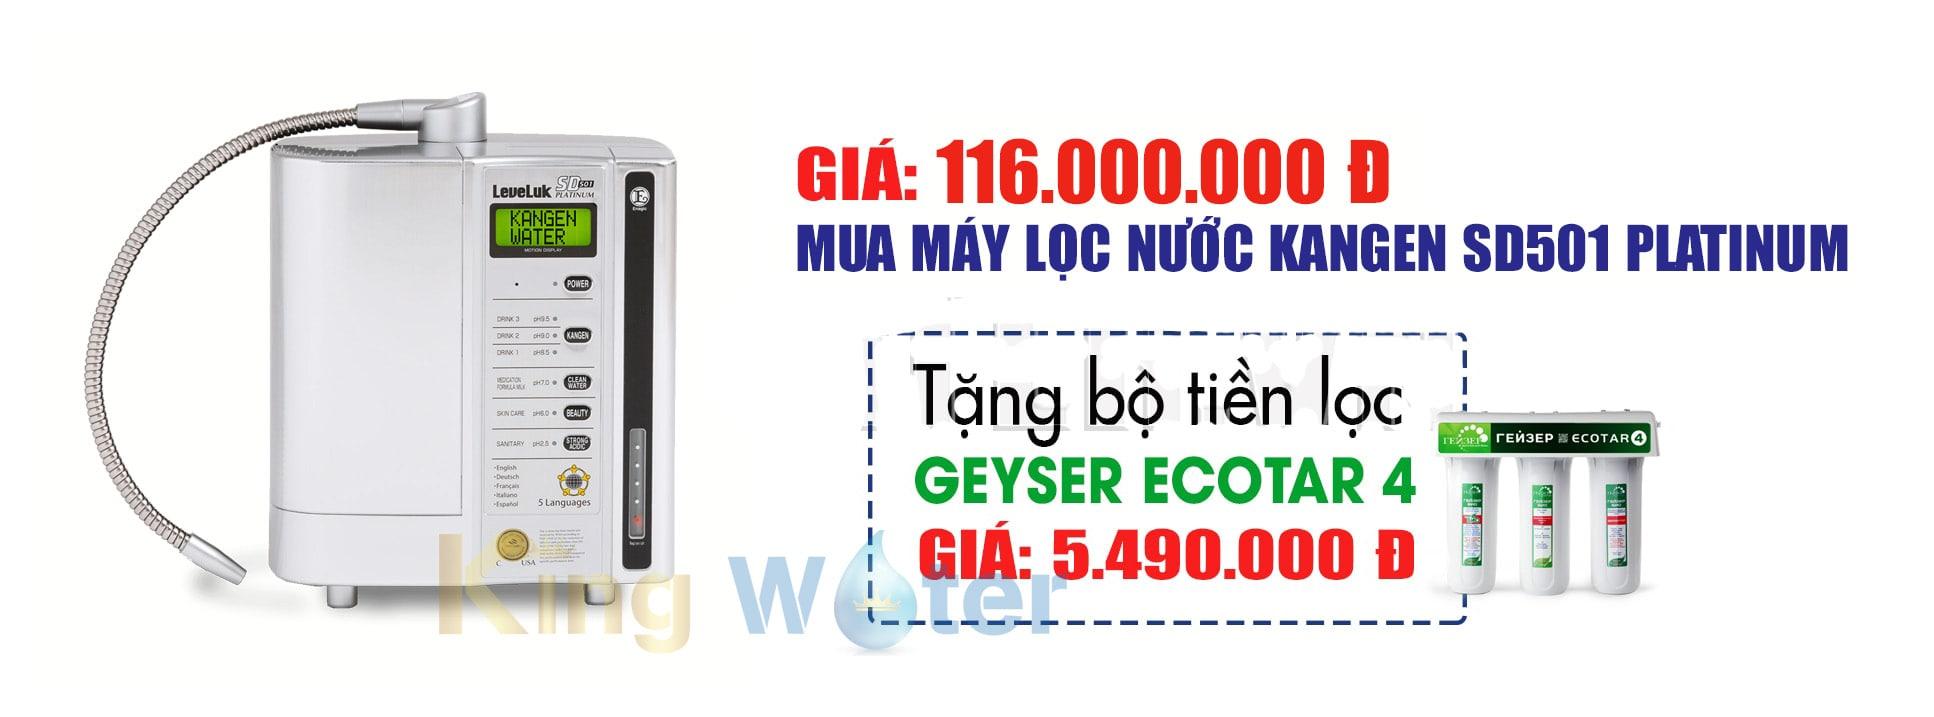 Giá máy lọc nước Kangen Leveluk model SD501 Platinum là thông tin mà rất nhiều khách hàng quan tâm